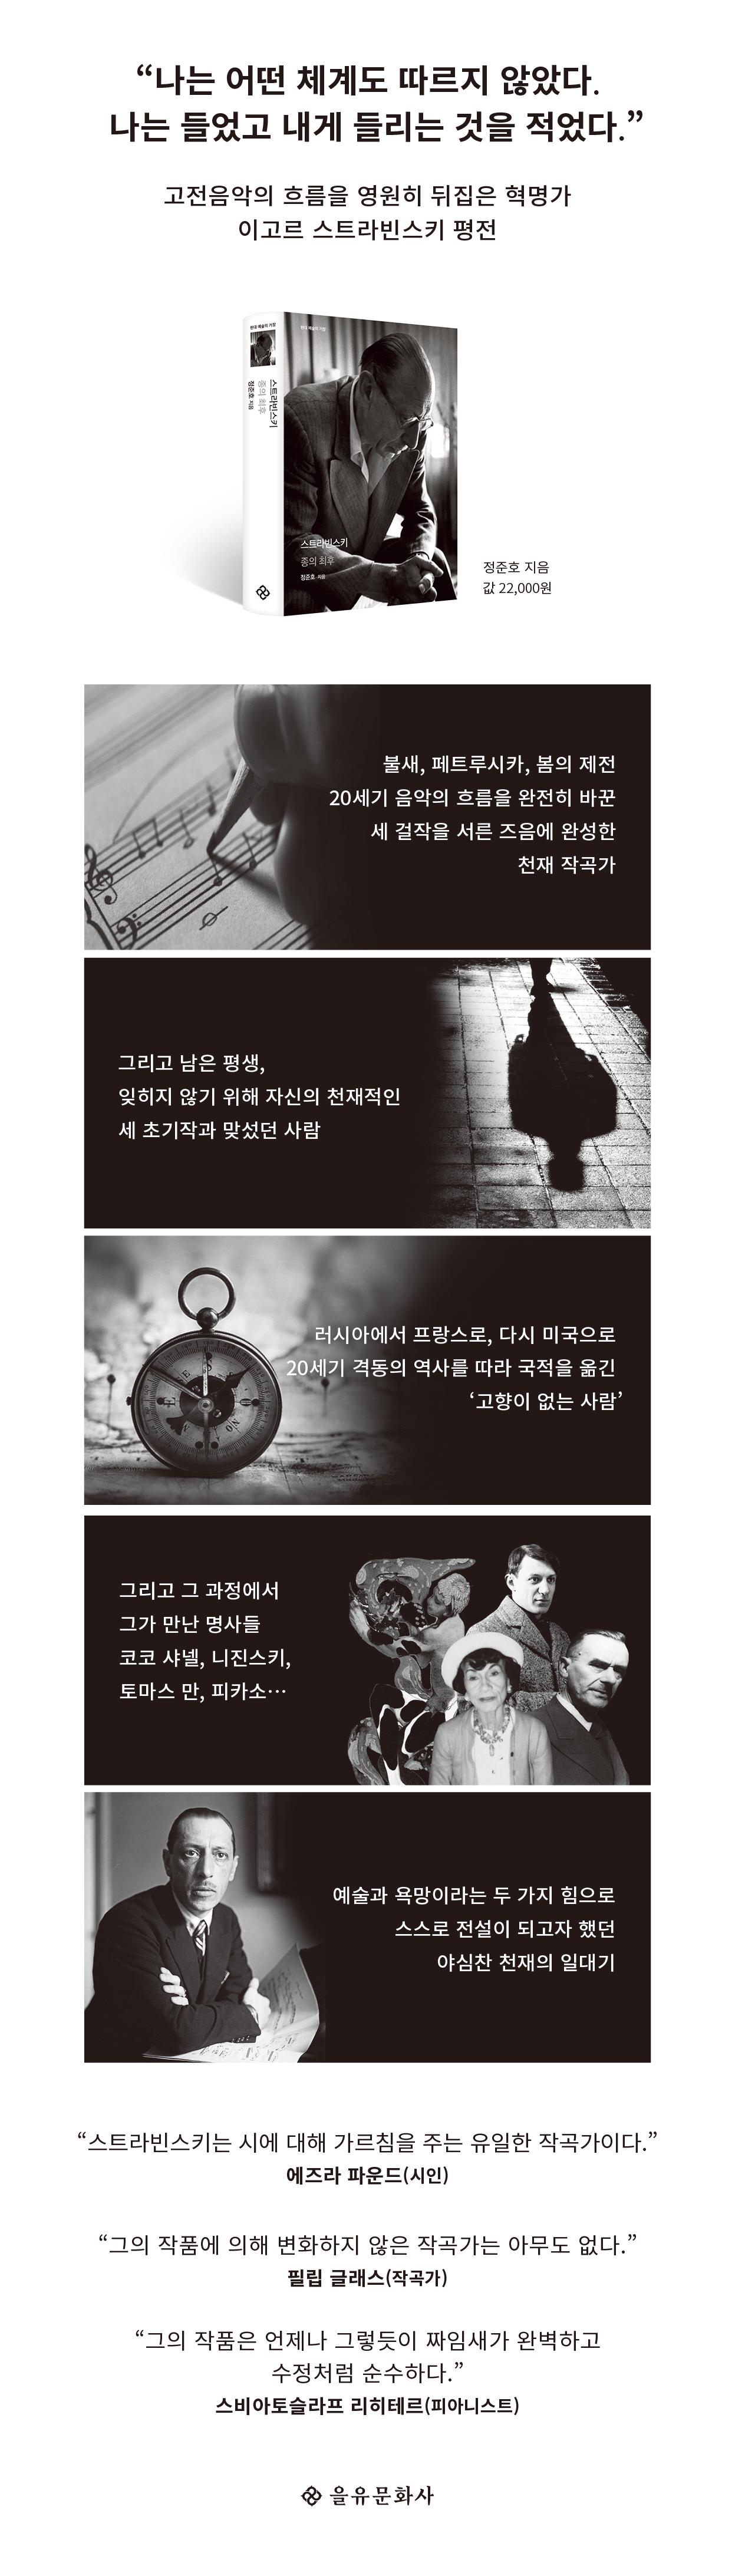 스트라빈스키(현대 예술의 거장)(양장본 HardCover) 도서 상세이미지